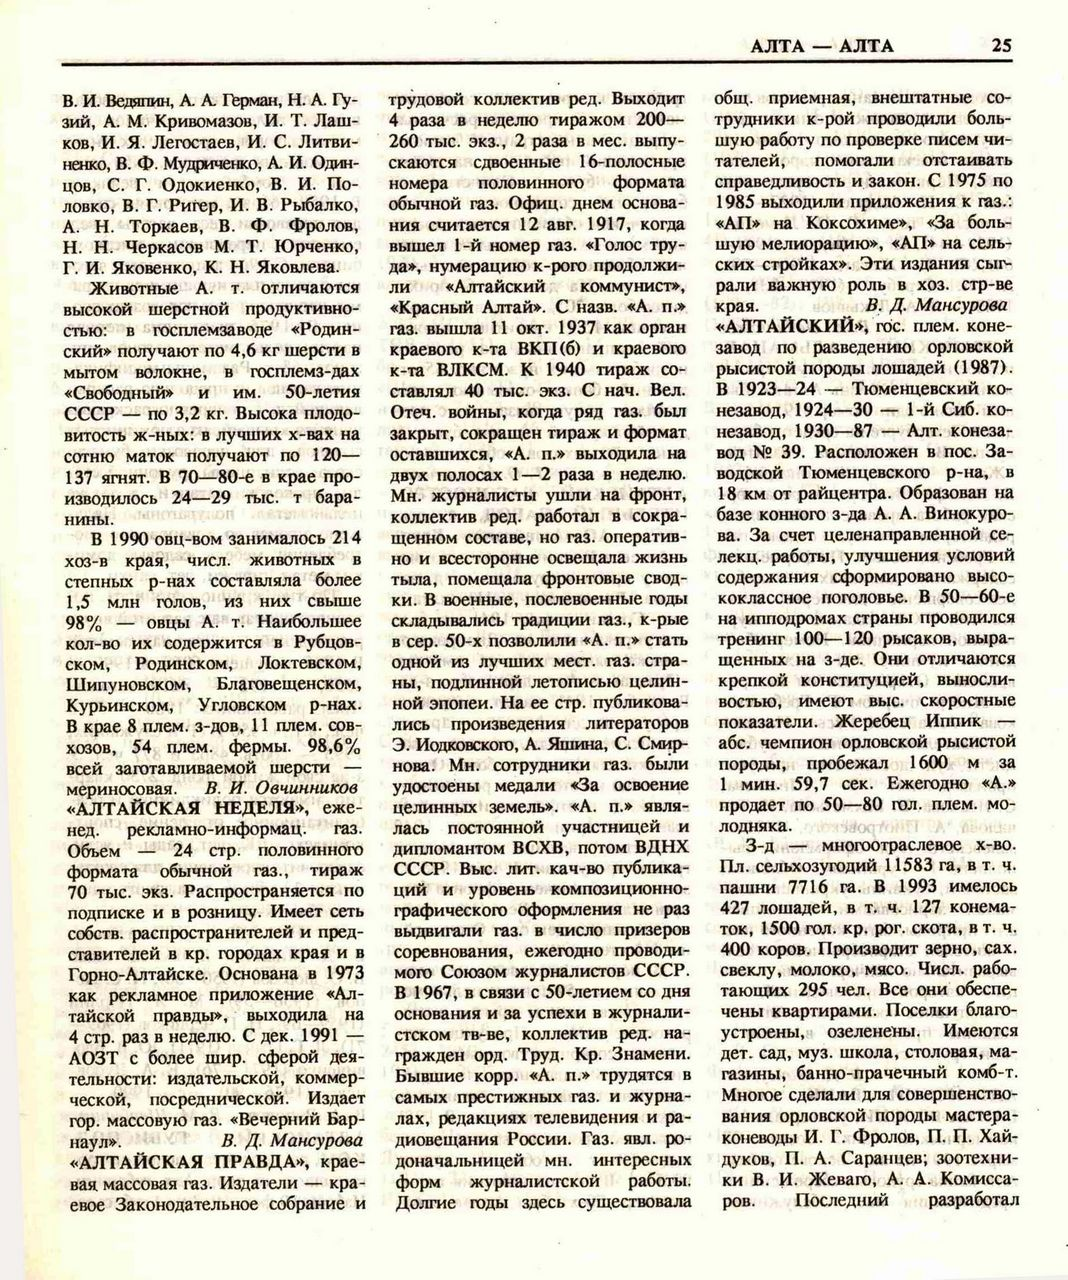 Книга памяти алтайского края том 4 скачать